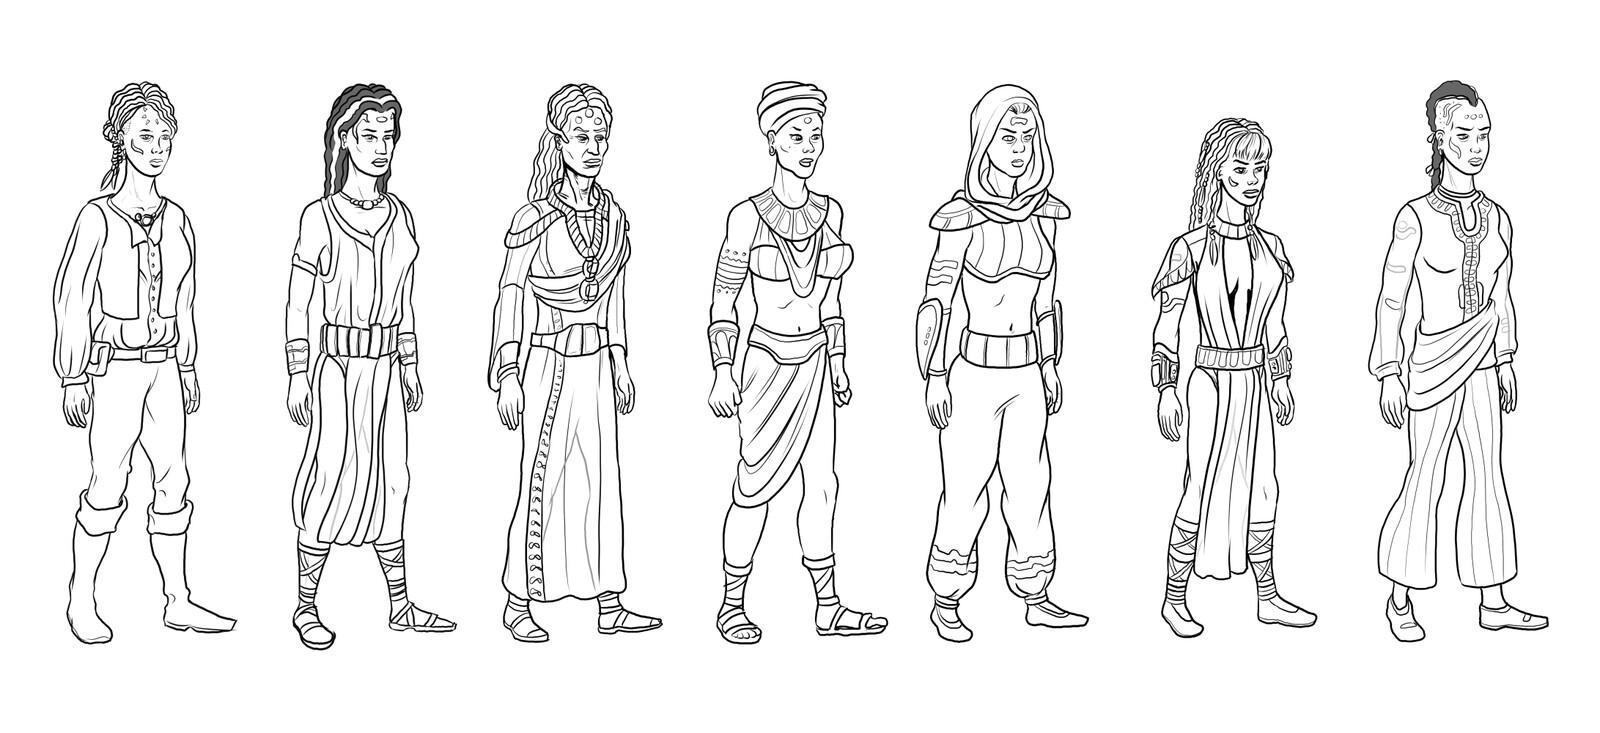 Character design sheet 3